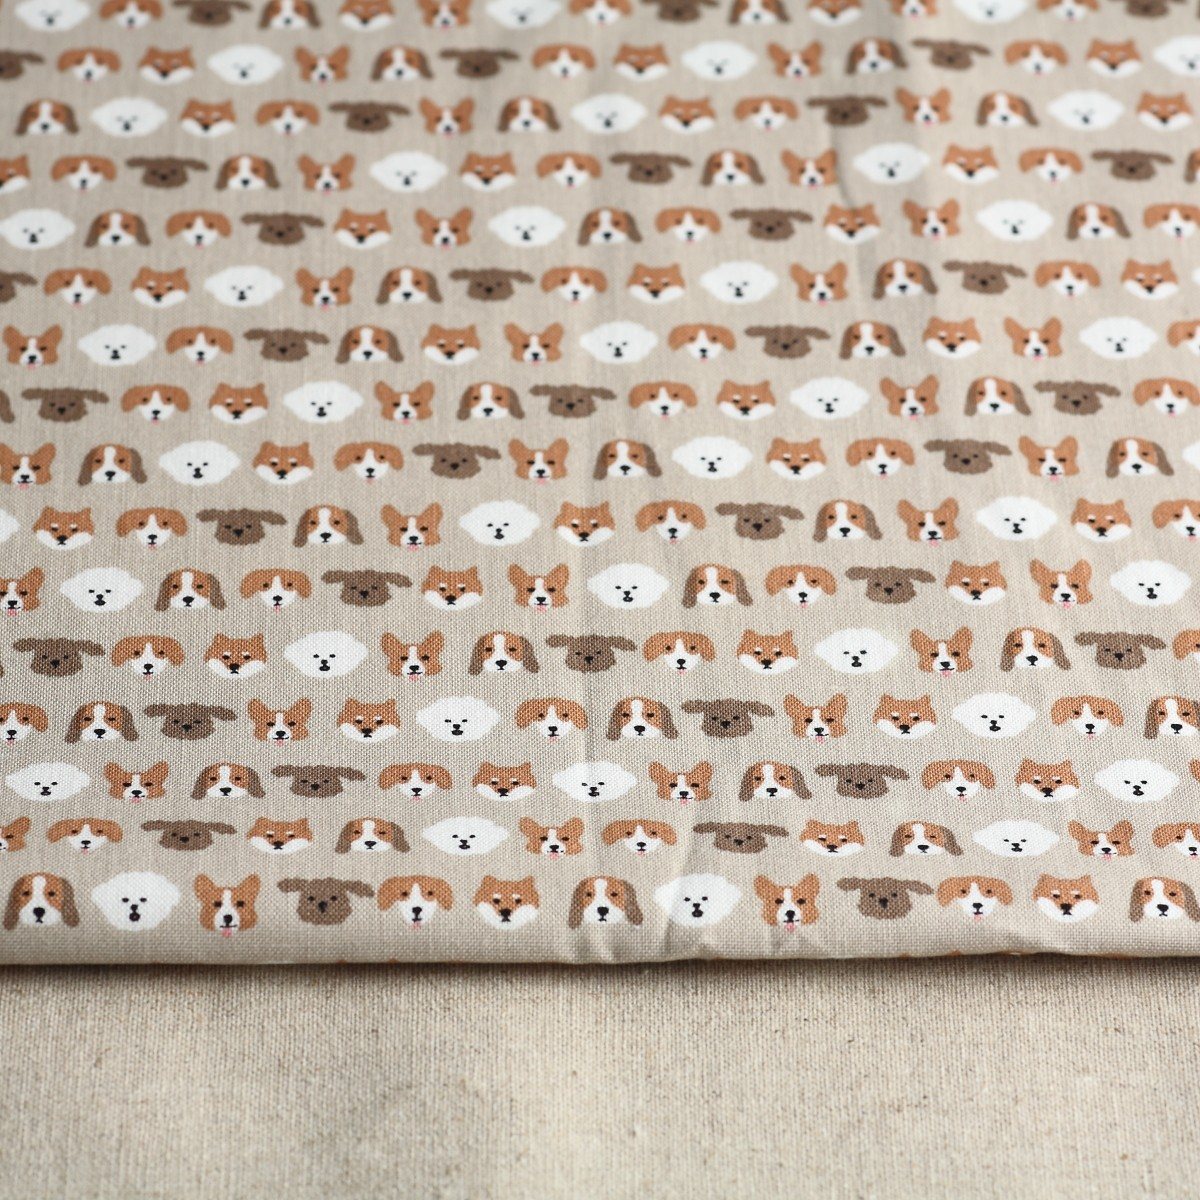 퀼트패키지 20cm지퍼파우치만들기  디자인선택 - 나미꼬의퀼트카페, 6,900원, 퀼트/원단공예, 수납/주머니 패키지